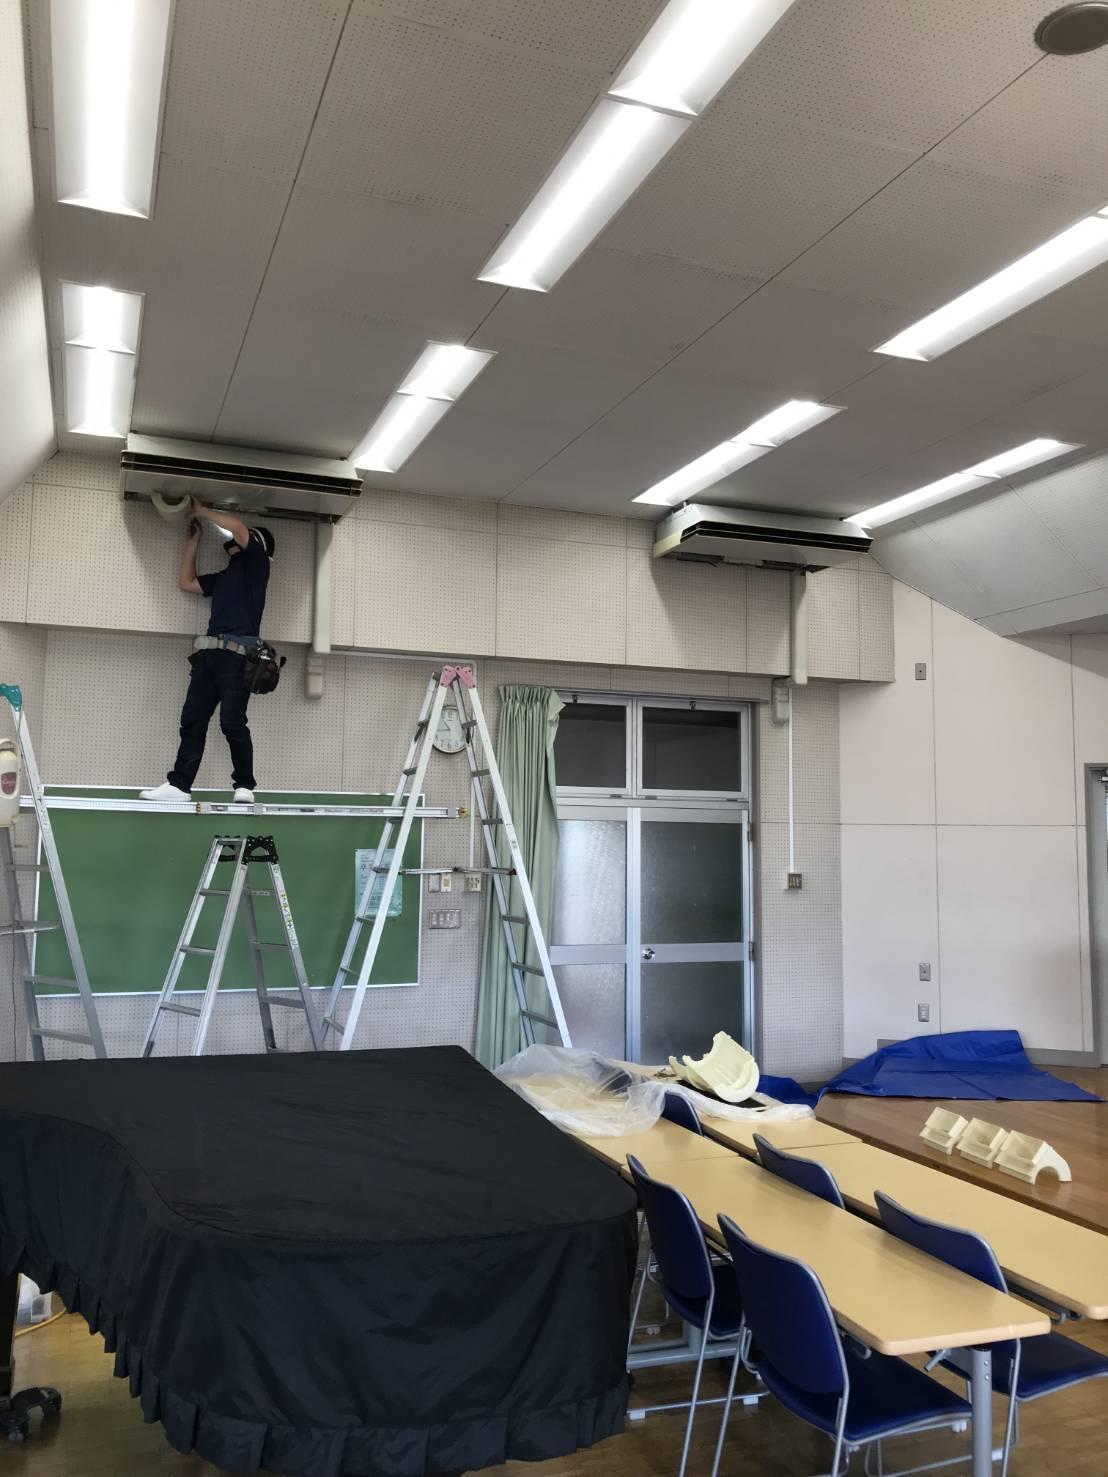 私立学校の音楽室 天吊りエアコン分解洗浄